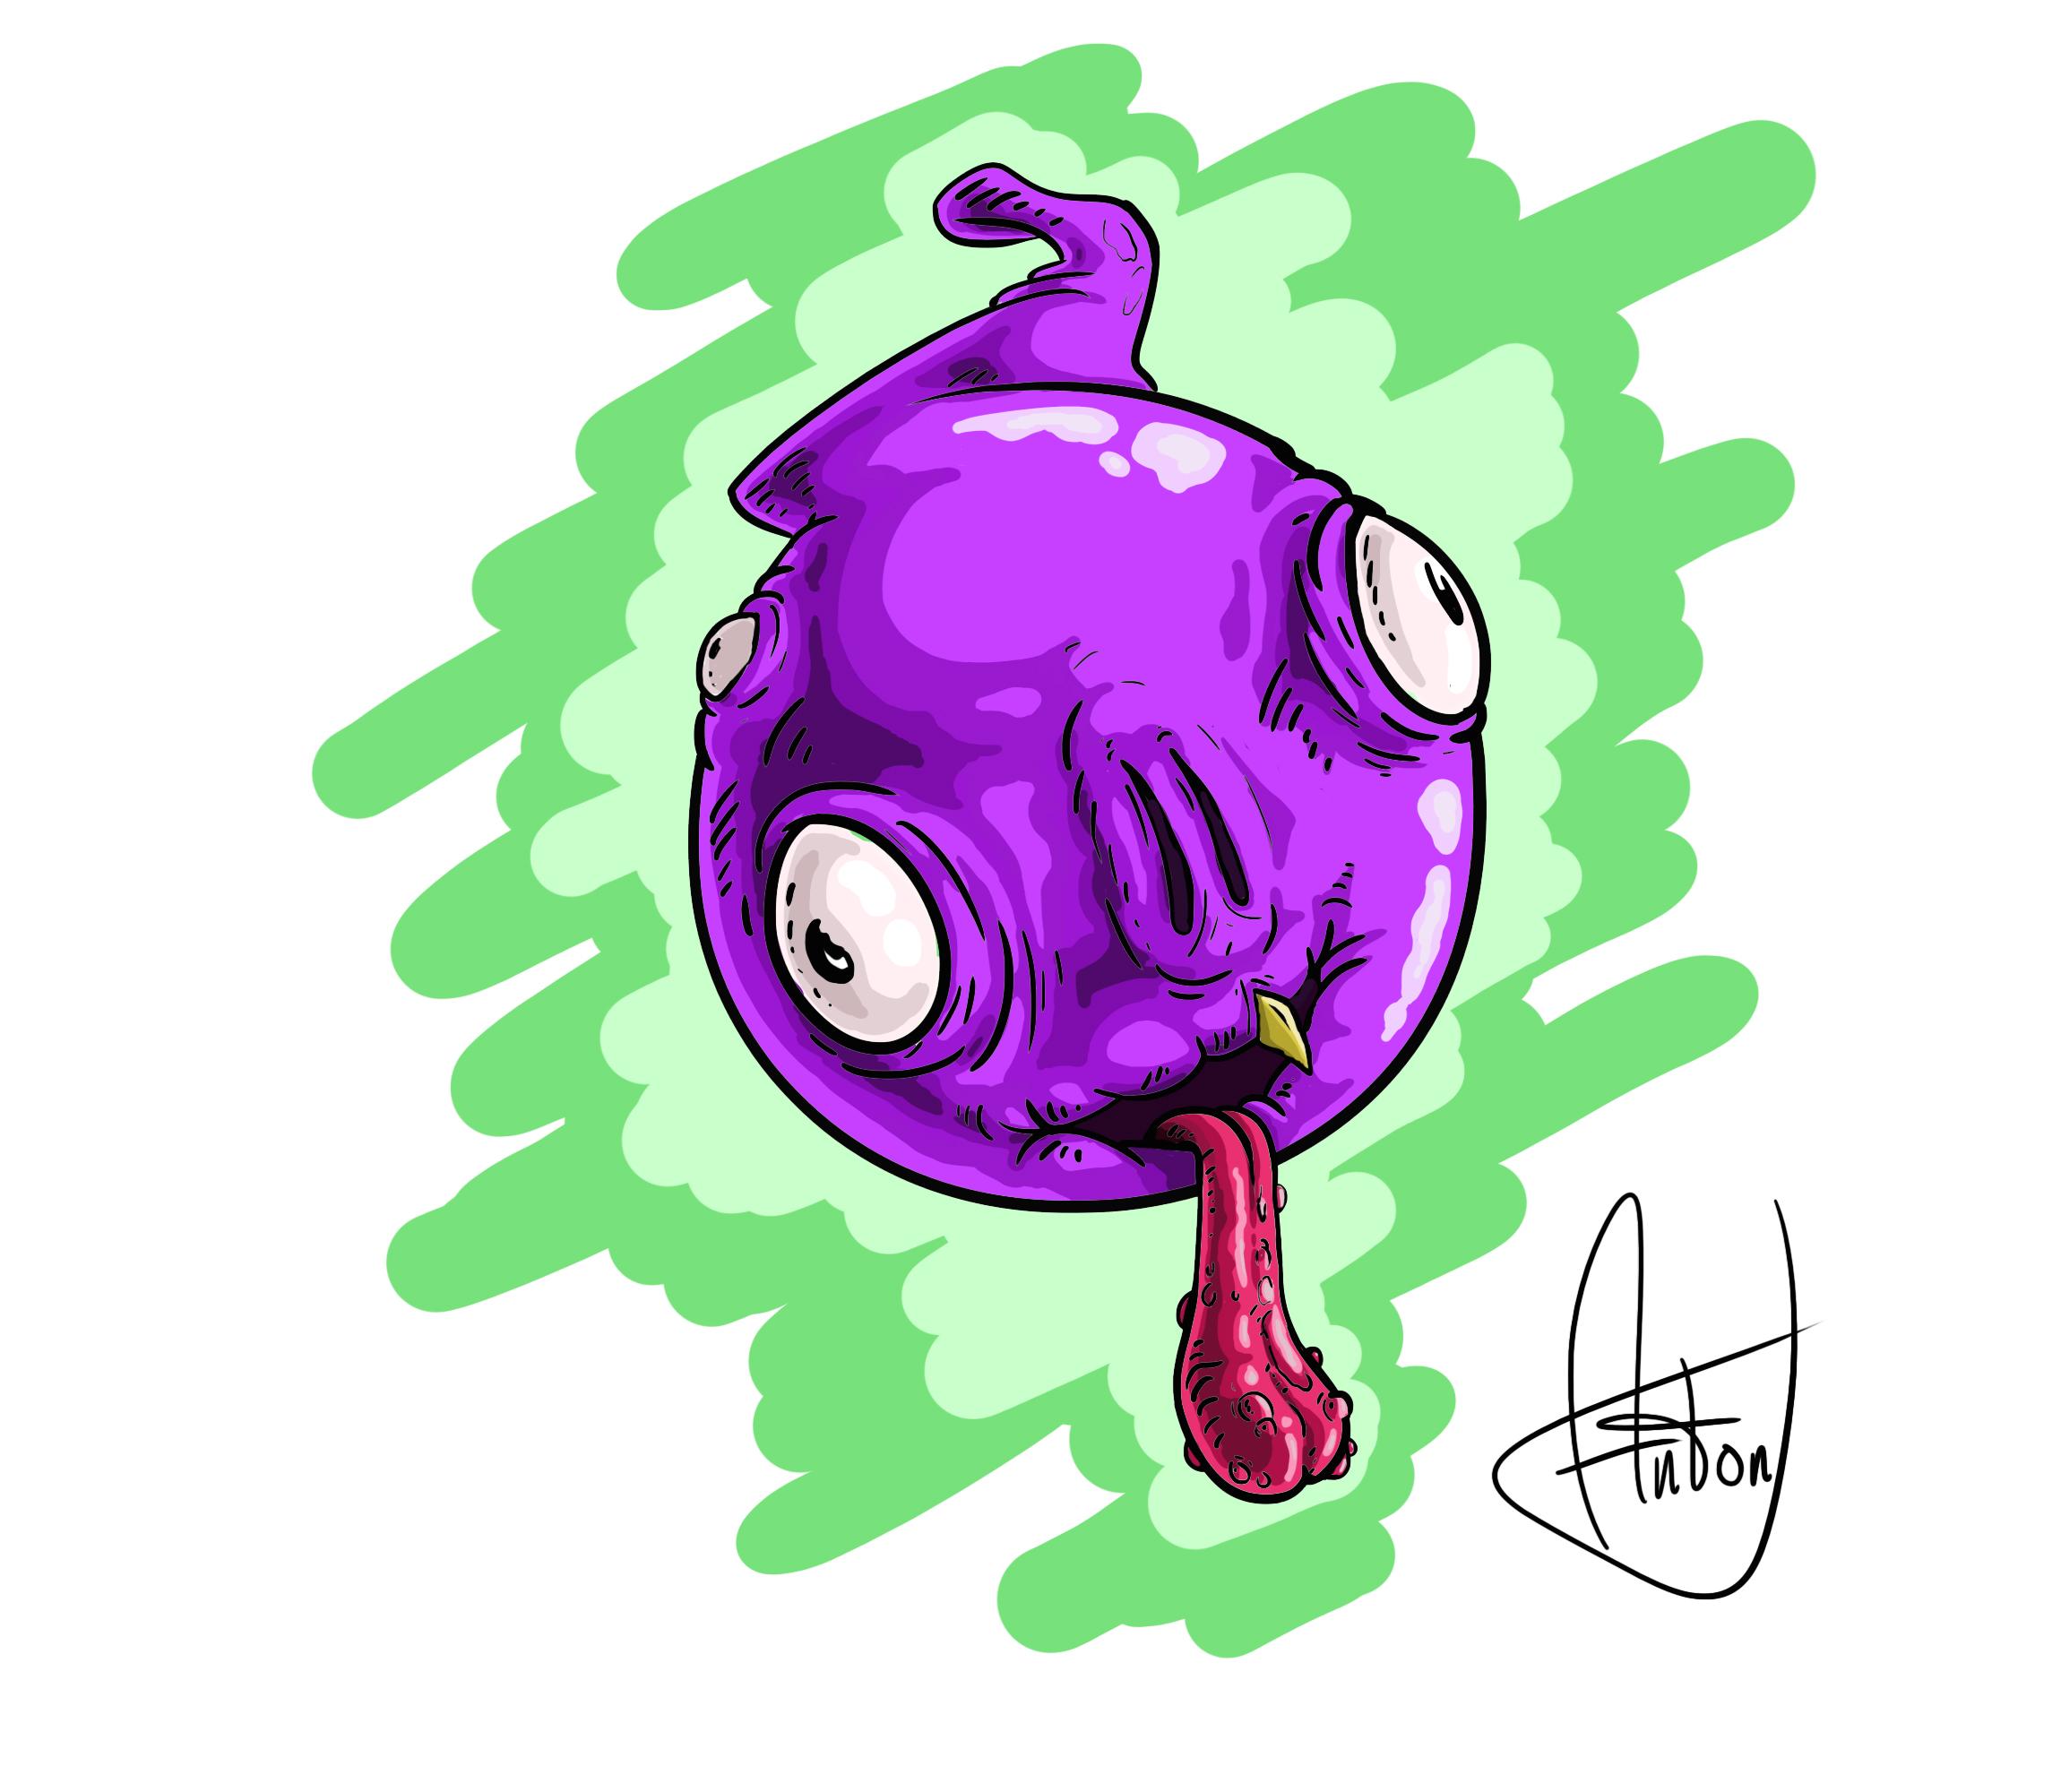 Purpball